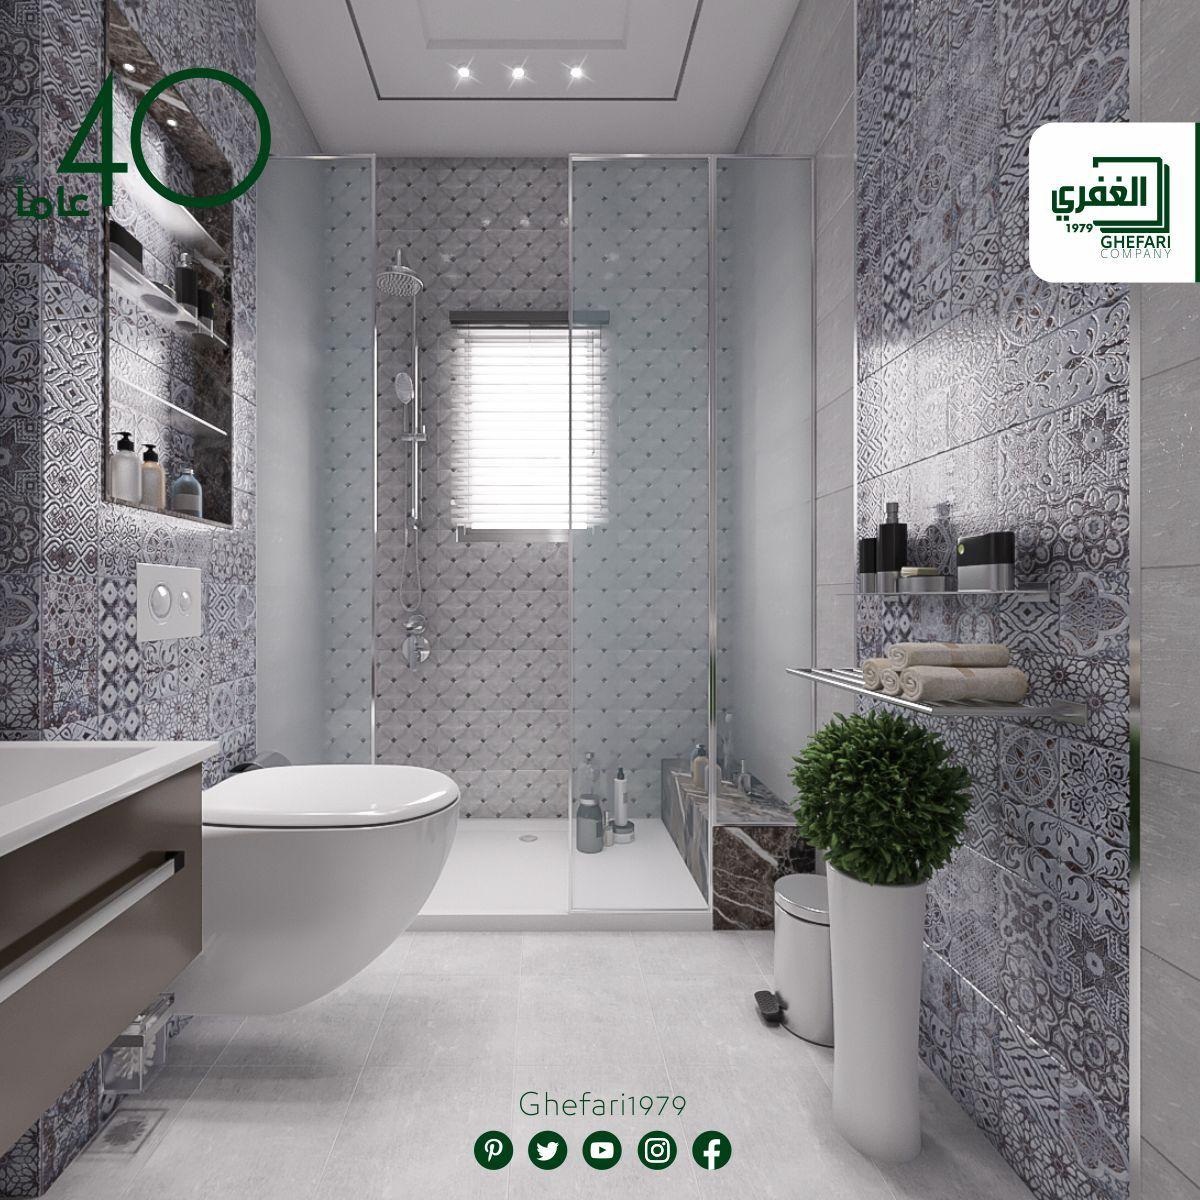 كراميكا اسباني نخب أول مقاس 20 60 Plaza سيراميك بورسيلان ادوات صحية مستلزمات مطابخ الغفري نرتقي معا Bathroom Instagram Posts Bathtub